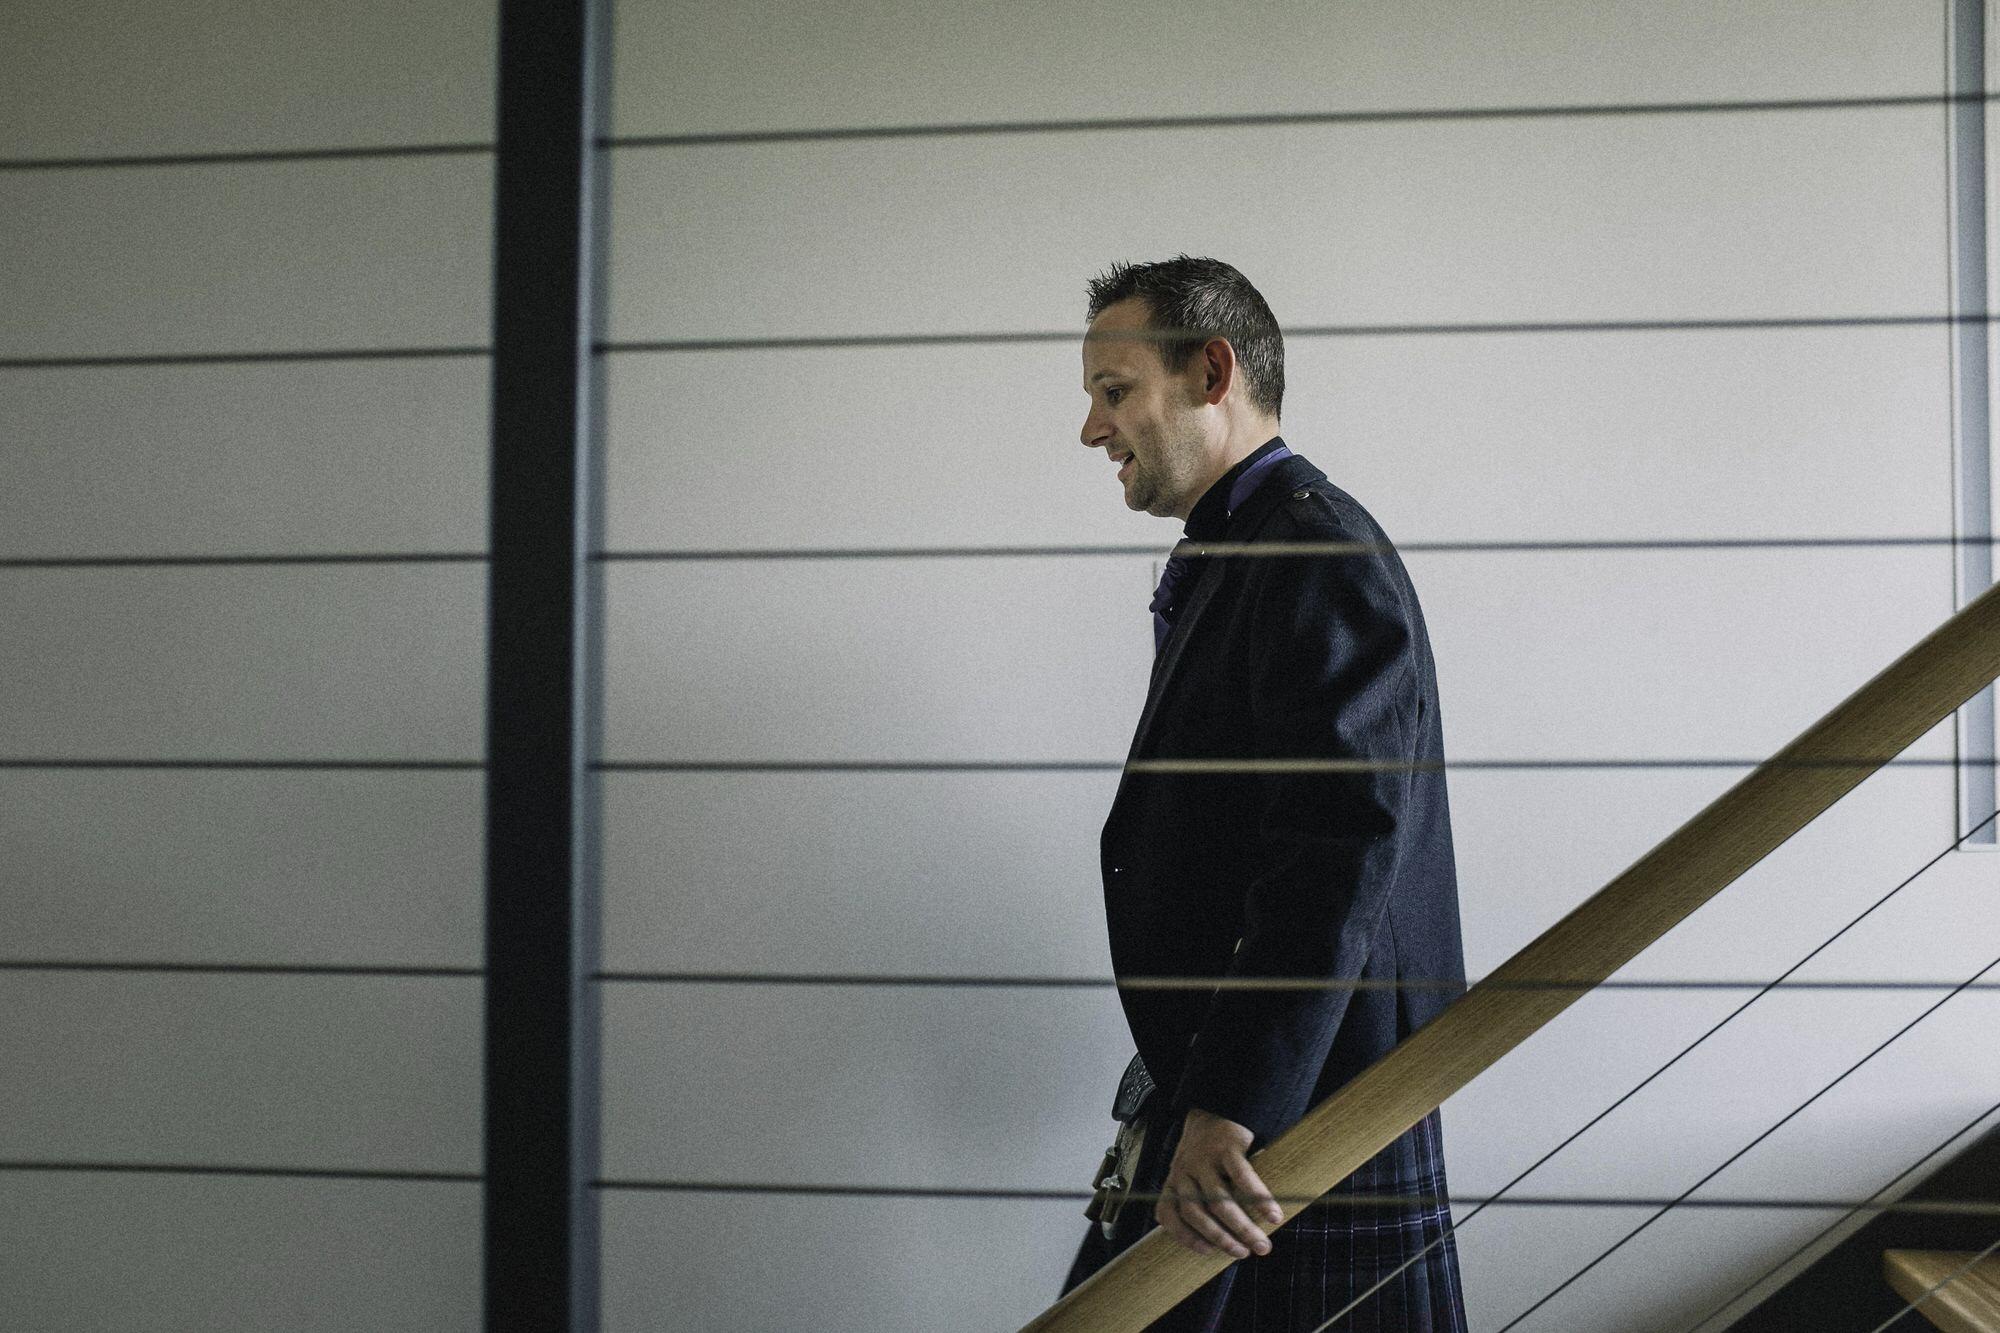 Groom walking down the stairs